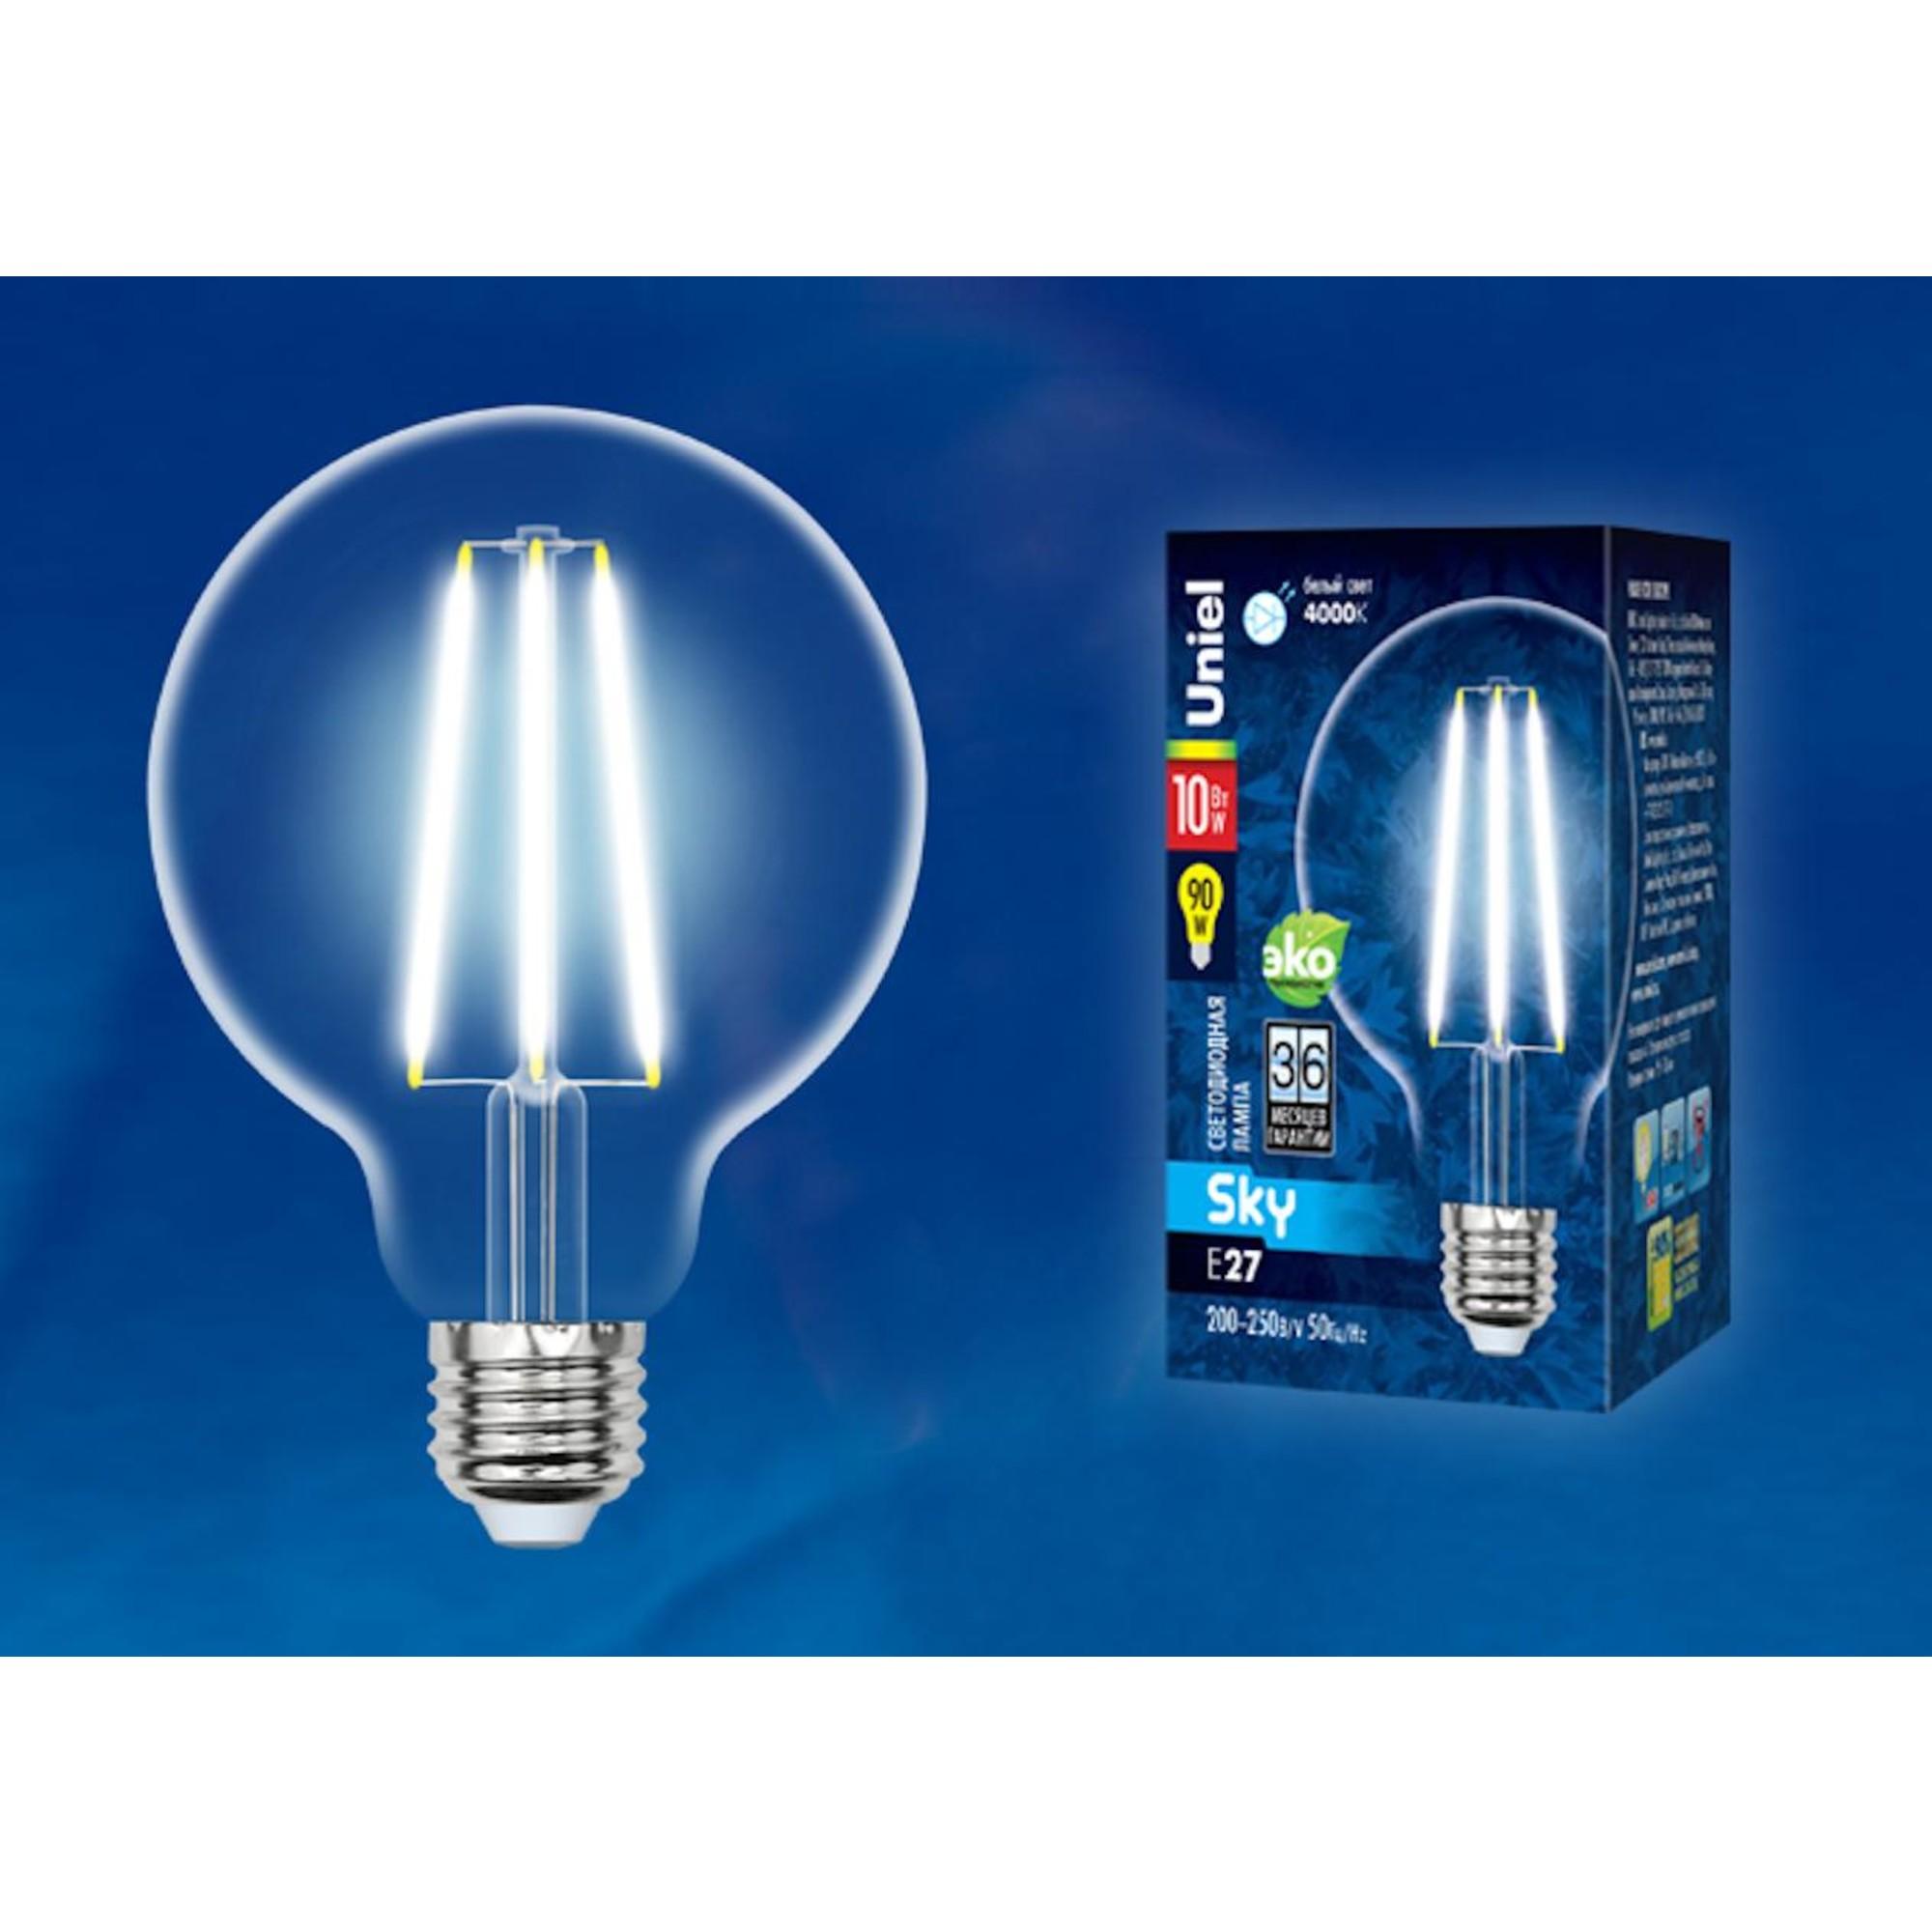 Светодиодная лампочка Uniel UL-00004863 E27 900 Лм 10 Вт